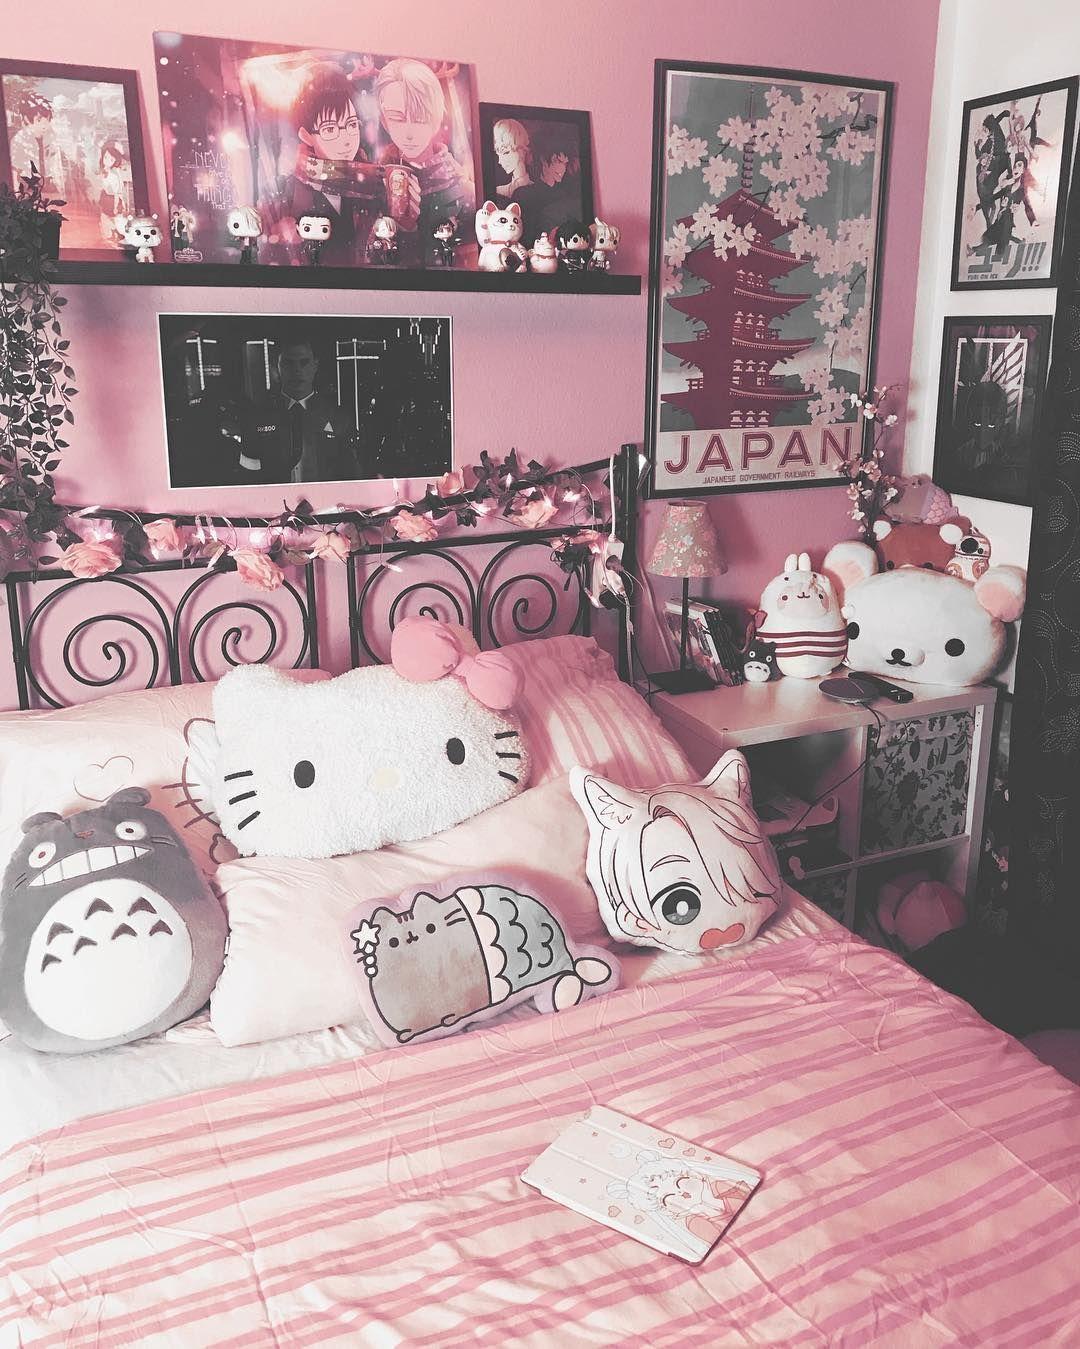 Otaku Room Bedrooms Otaku Room Room Ideas Bedroom Cute Room Decor Cute Room Ideas